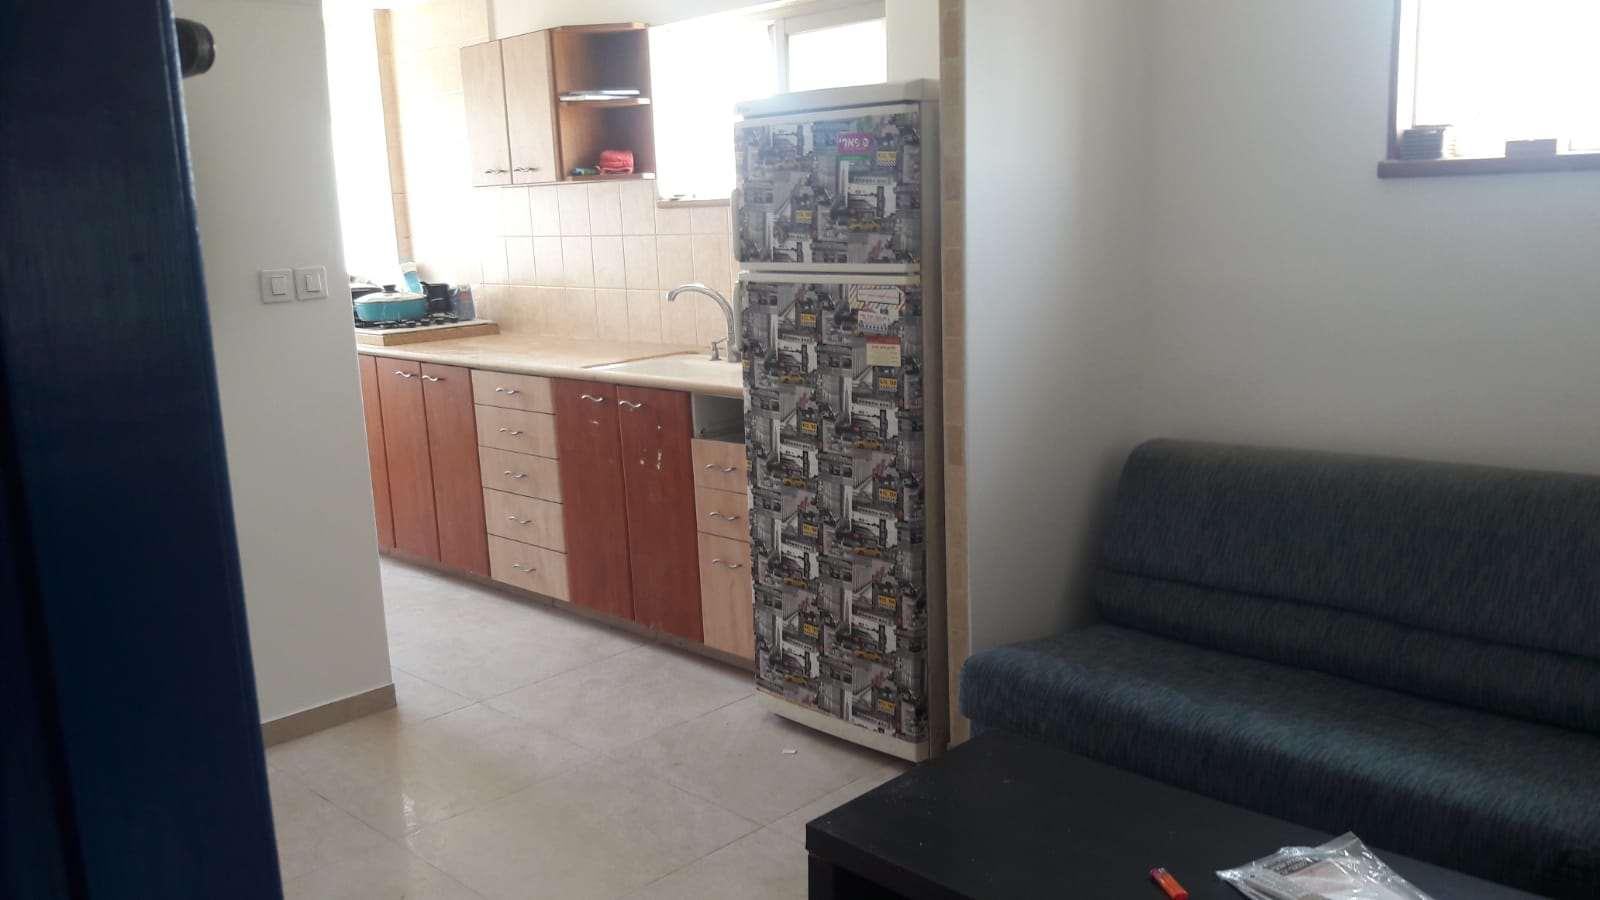 דירה להשכרה 2.5 חדרים בירושלים הנביאים זכרון משה